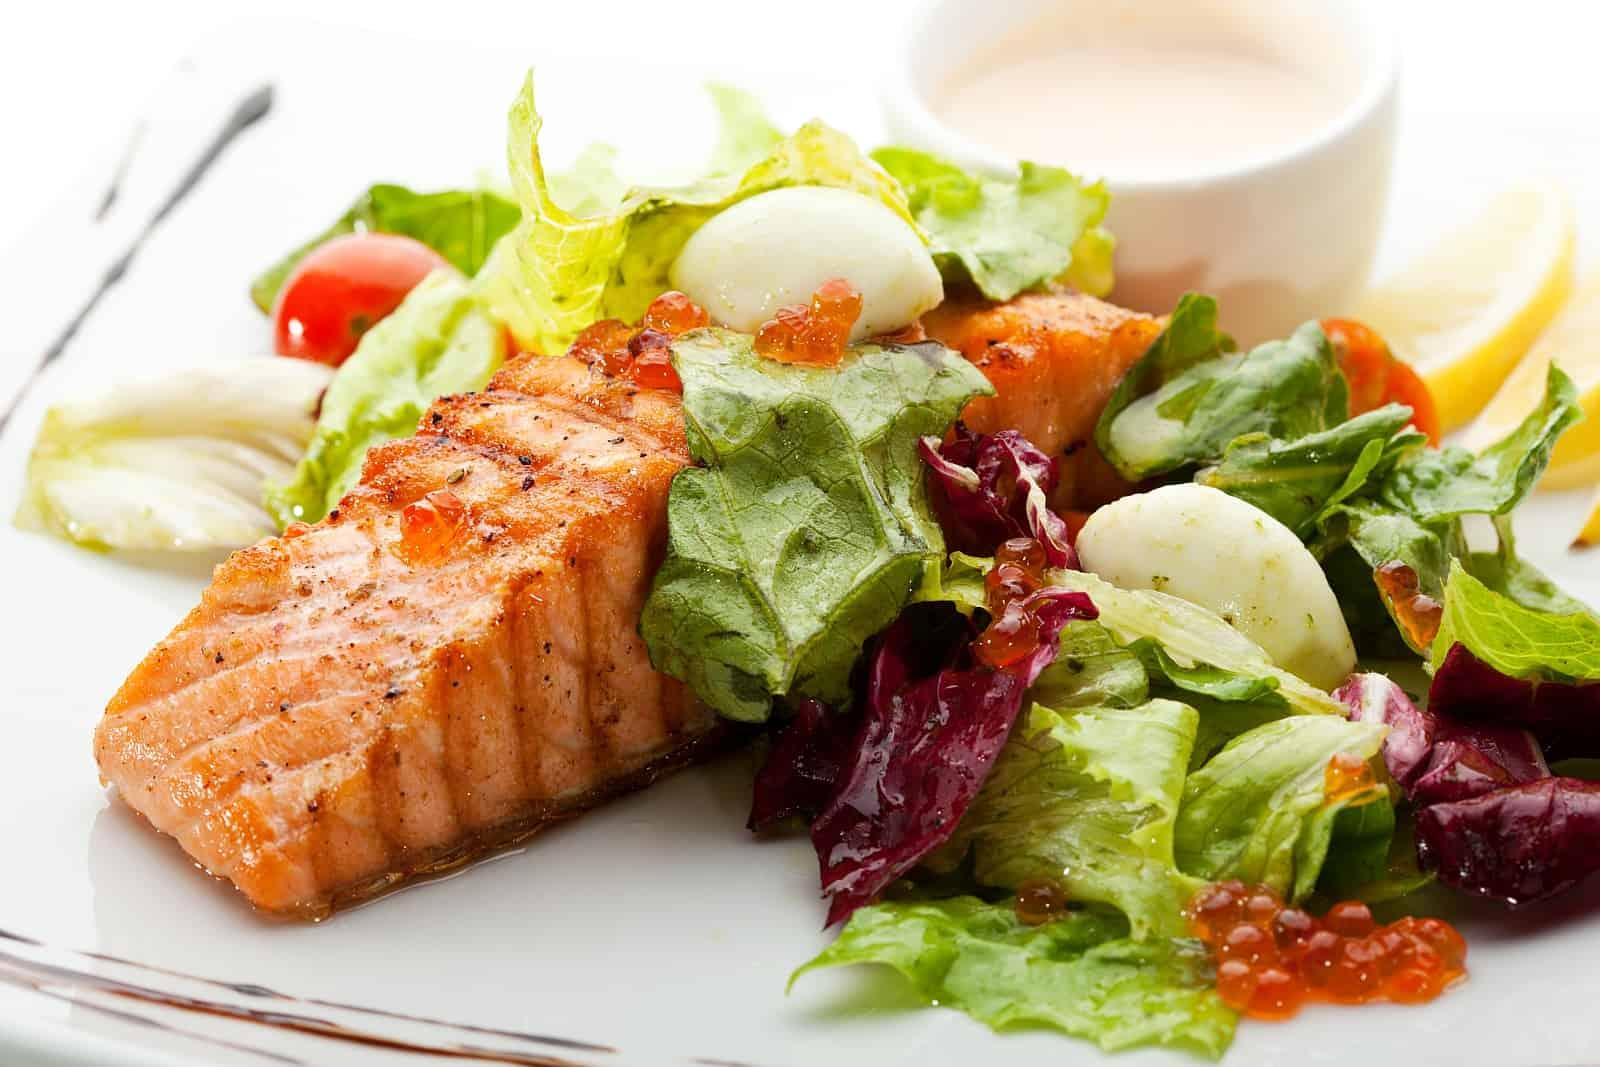 Kanada bietet internationale Küche auf hohem Niveau, die Zutaten wie frischer Fisch kommen direkt aus der Natur.